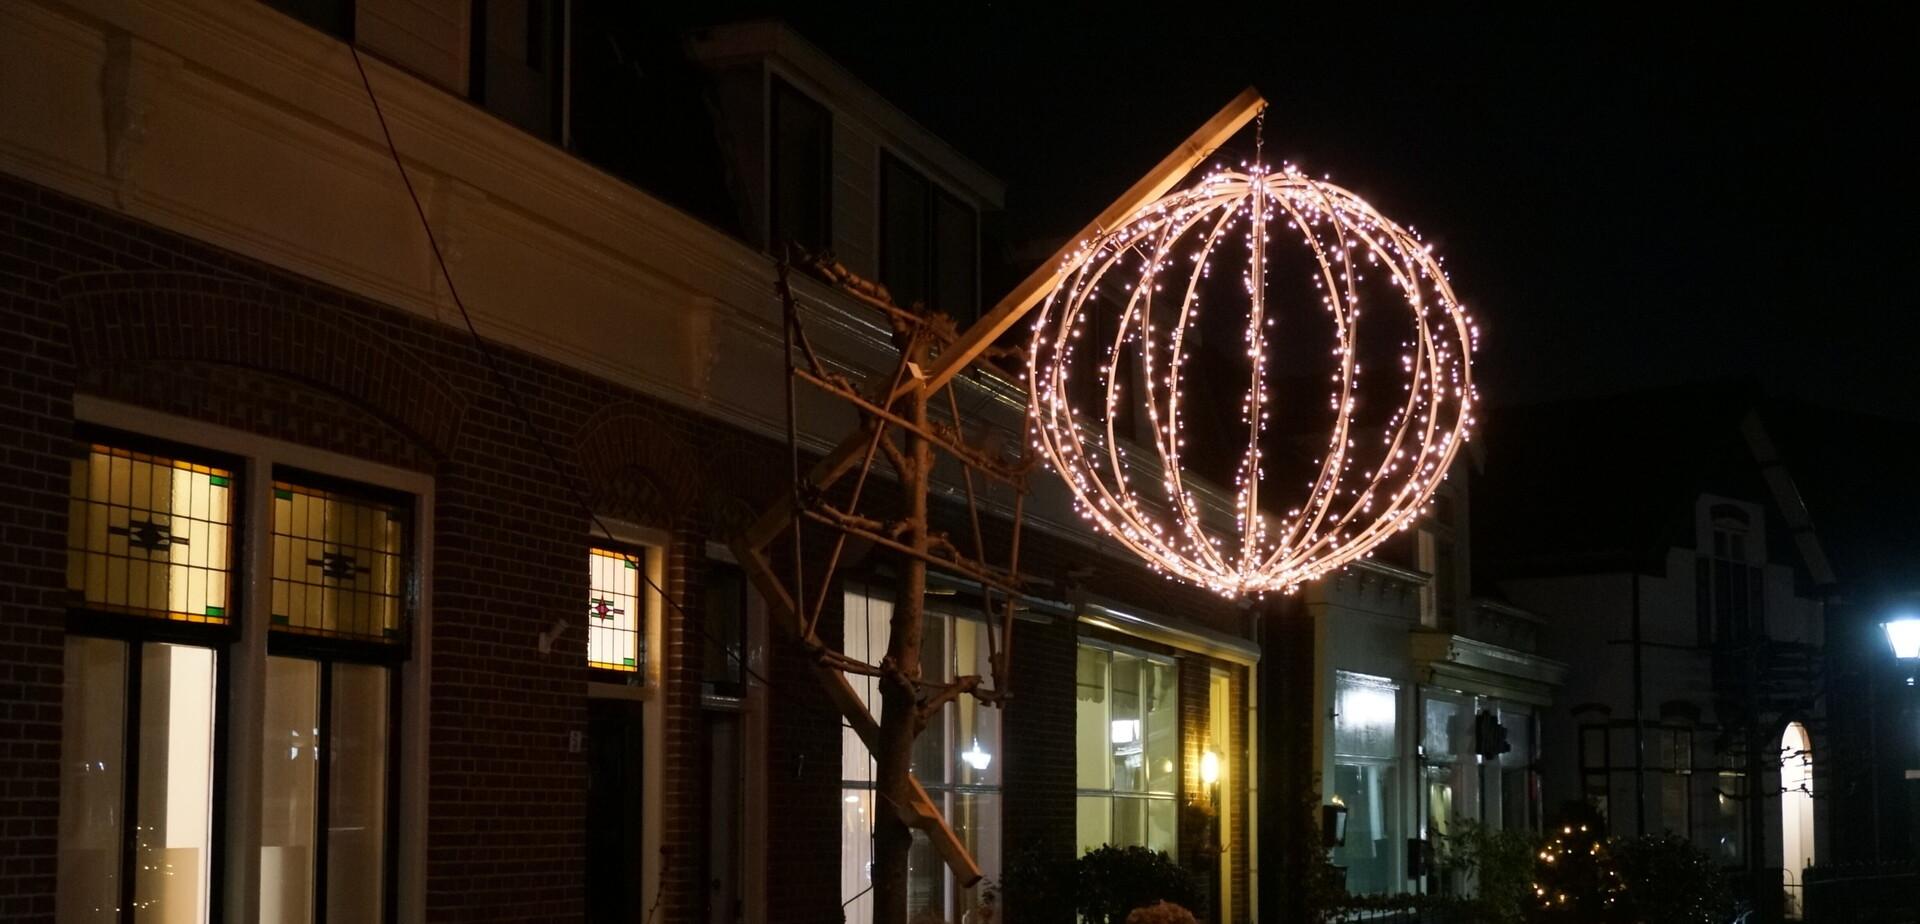 Mega kerstbal maken | voordemakers.nl